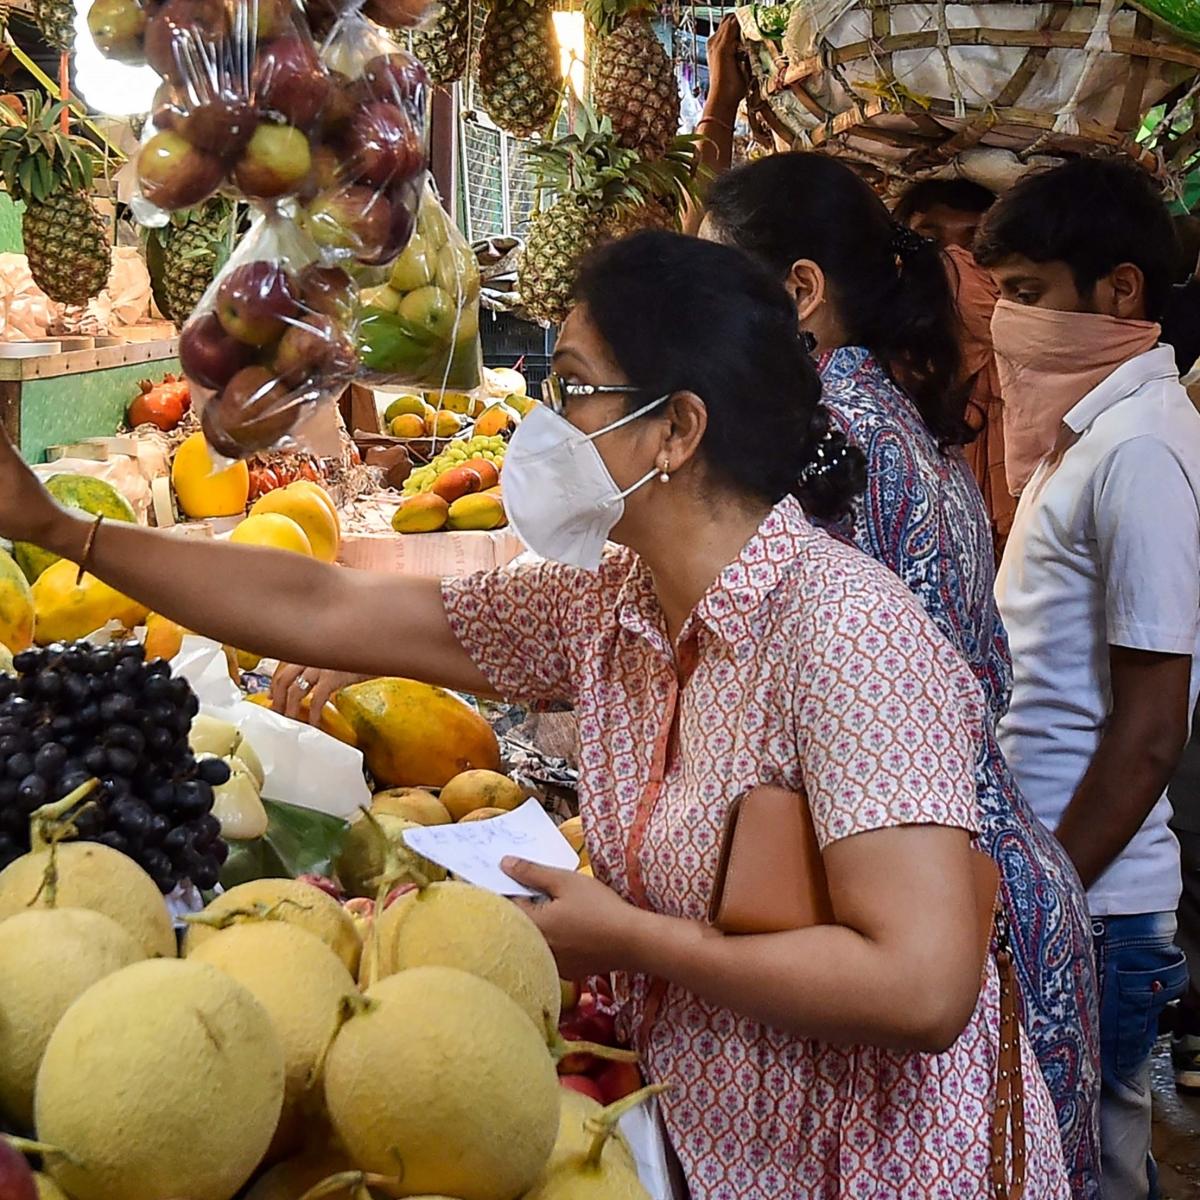 Mumbai: Amid coronavirus outbreak, Vashi's APMC outlets to remain shut till March 31